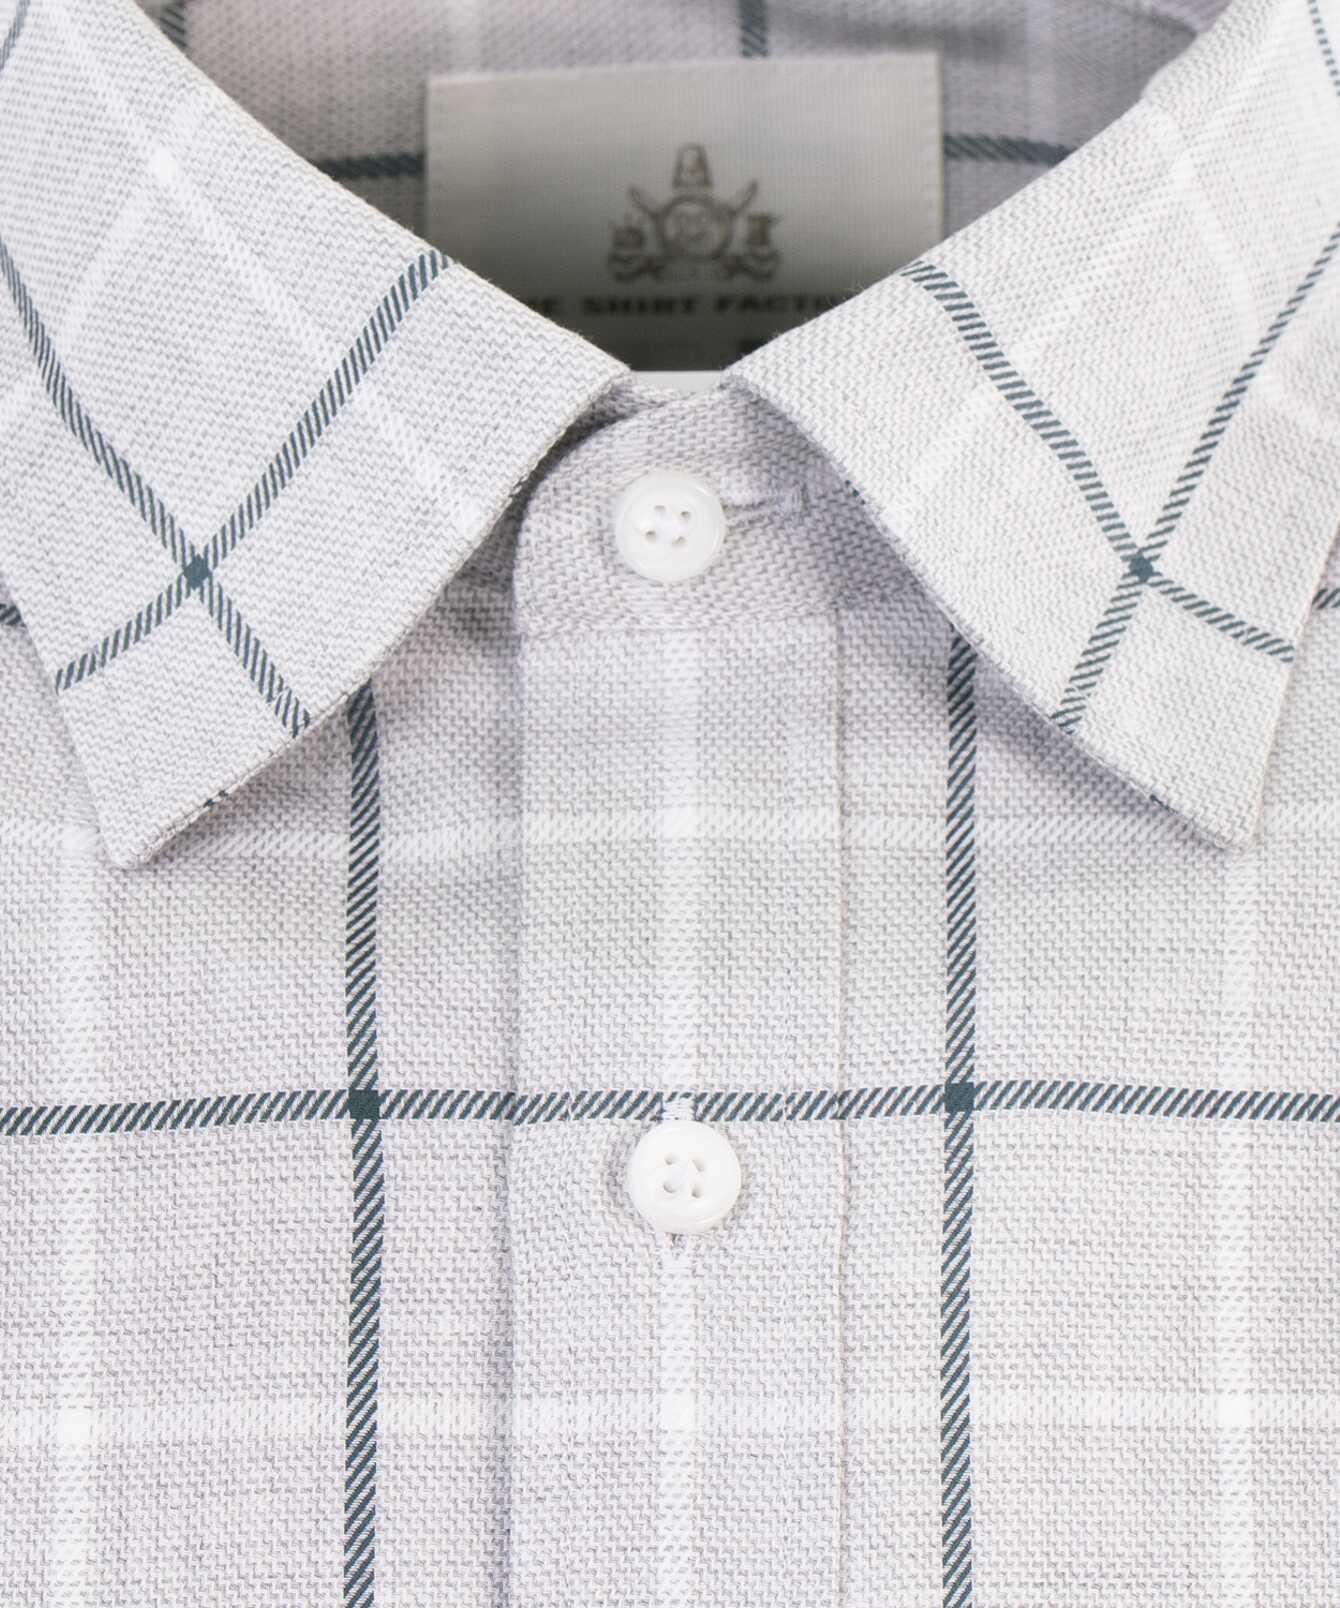 Skjorta Lincoln Blå Extra Lång Ärm The Shirt Factory